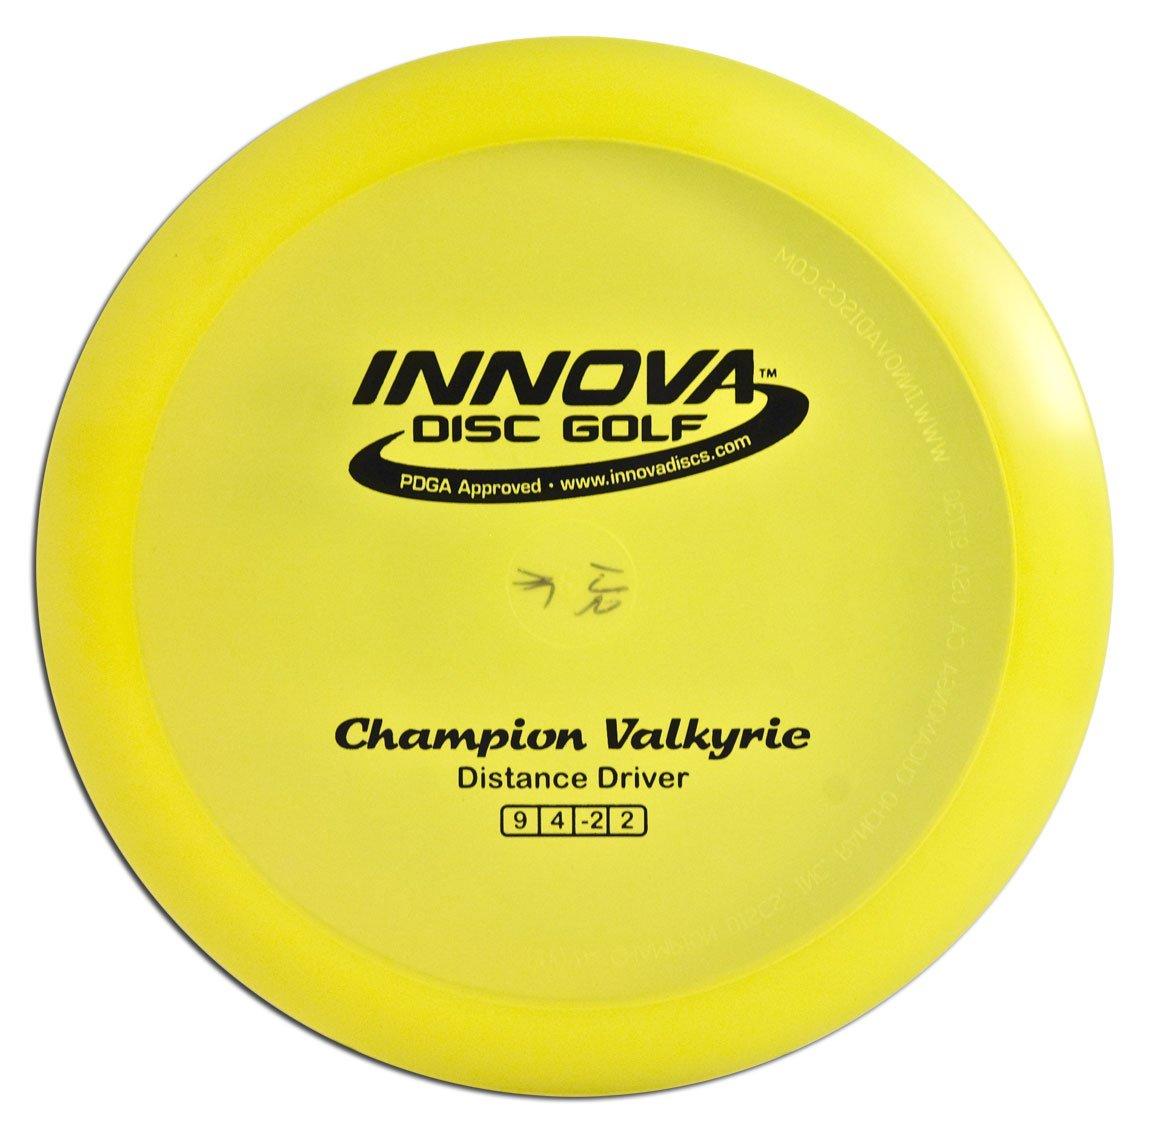 最も優遇 Innova Champion Valkyrie Champion 165-170 grams 165-170 B007O2NF18 B007O2NF18, AMERICAN DREAM:7afe7dde --- arianechie.dominiotemporario.com